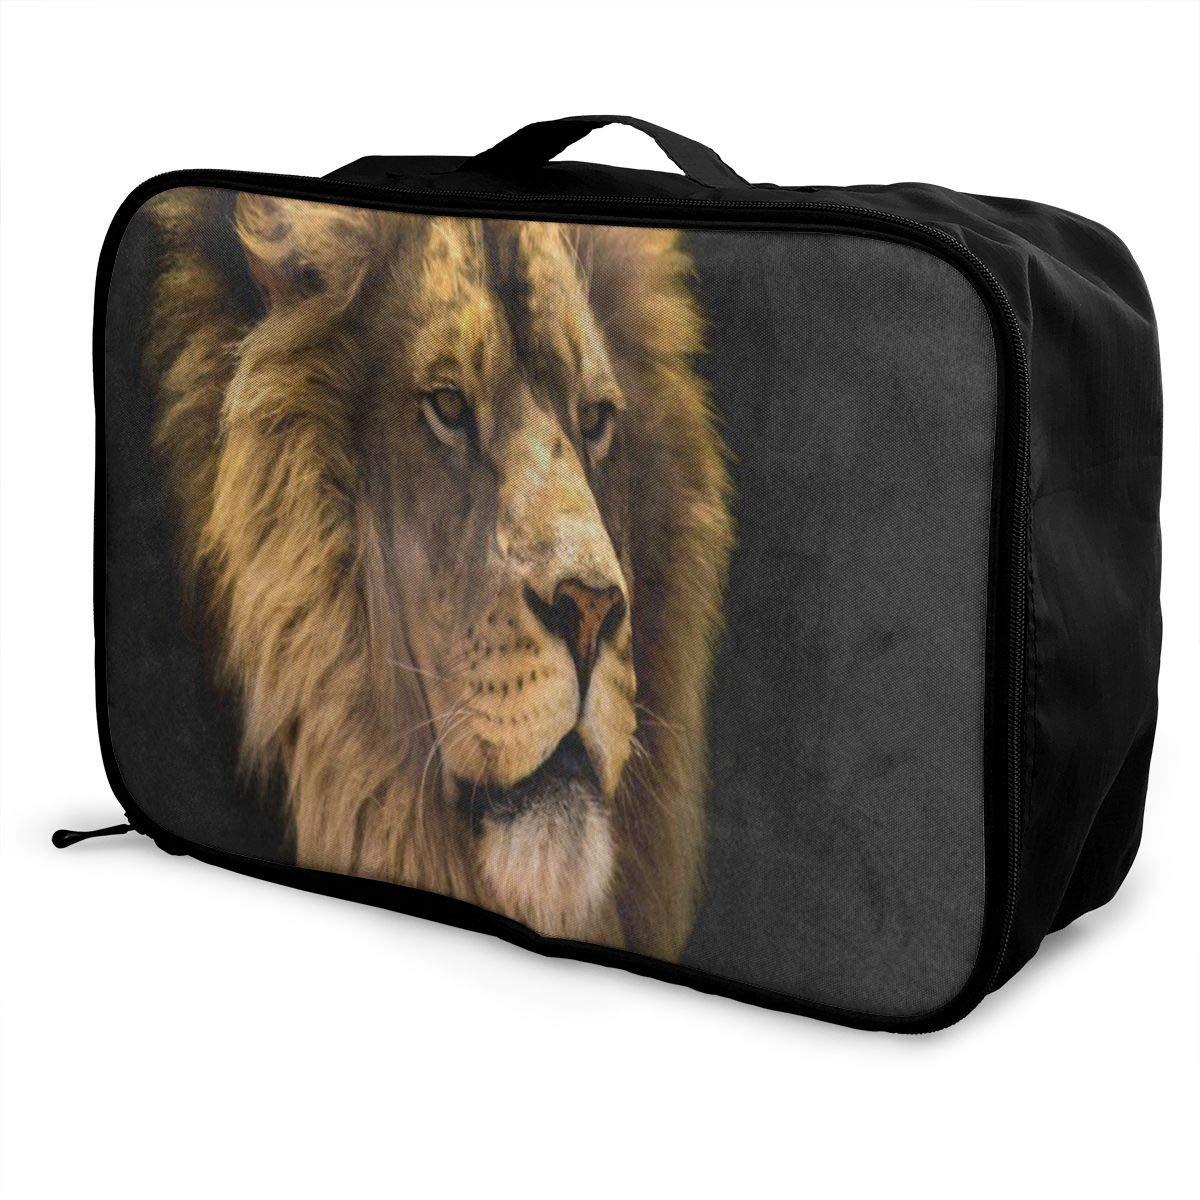 Luggage Bag Travel Duffel Bag Waterproof Seahorse Barrier Reef Lightweight Large Capacity Portable Storage Bag